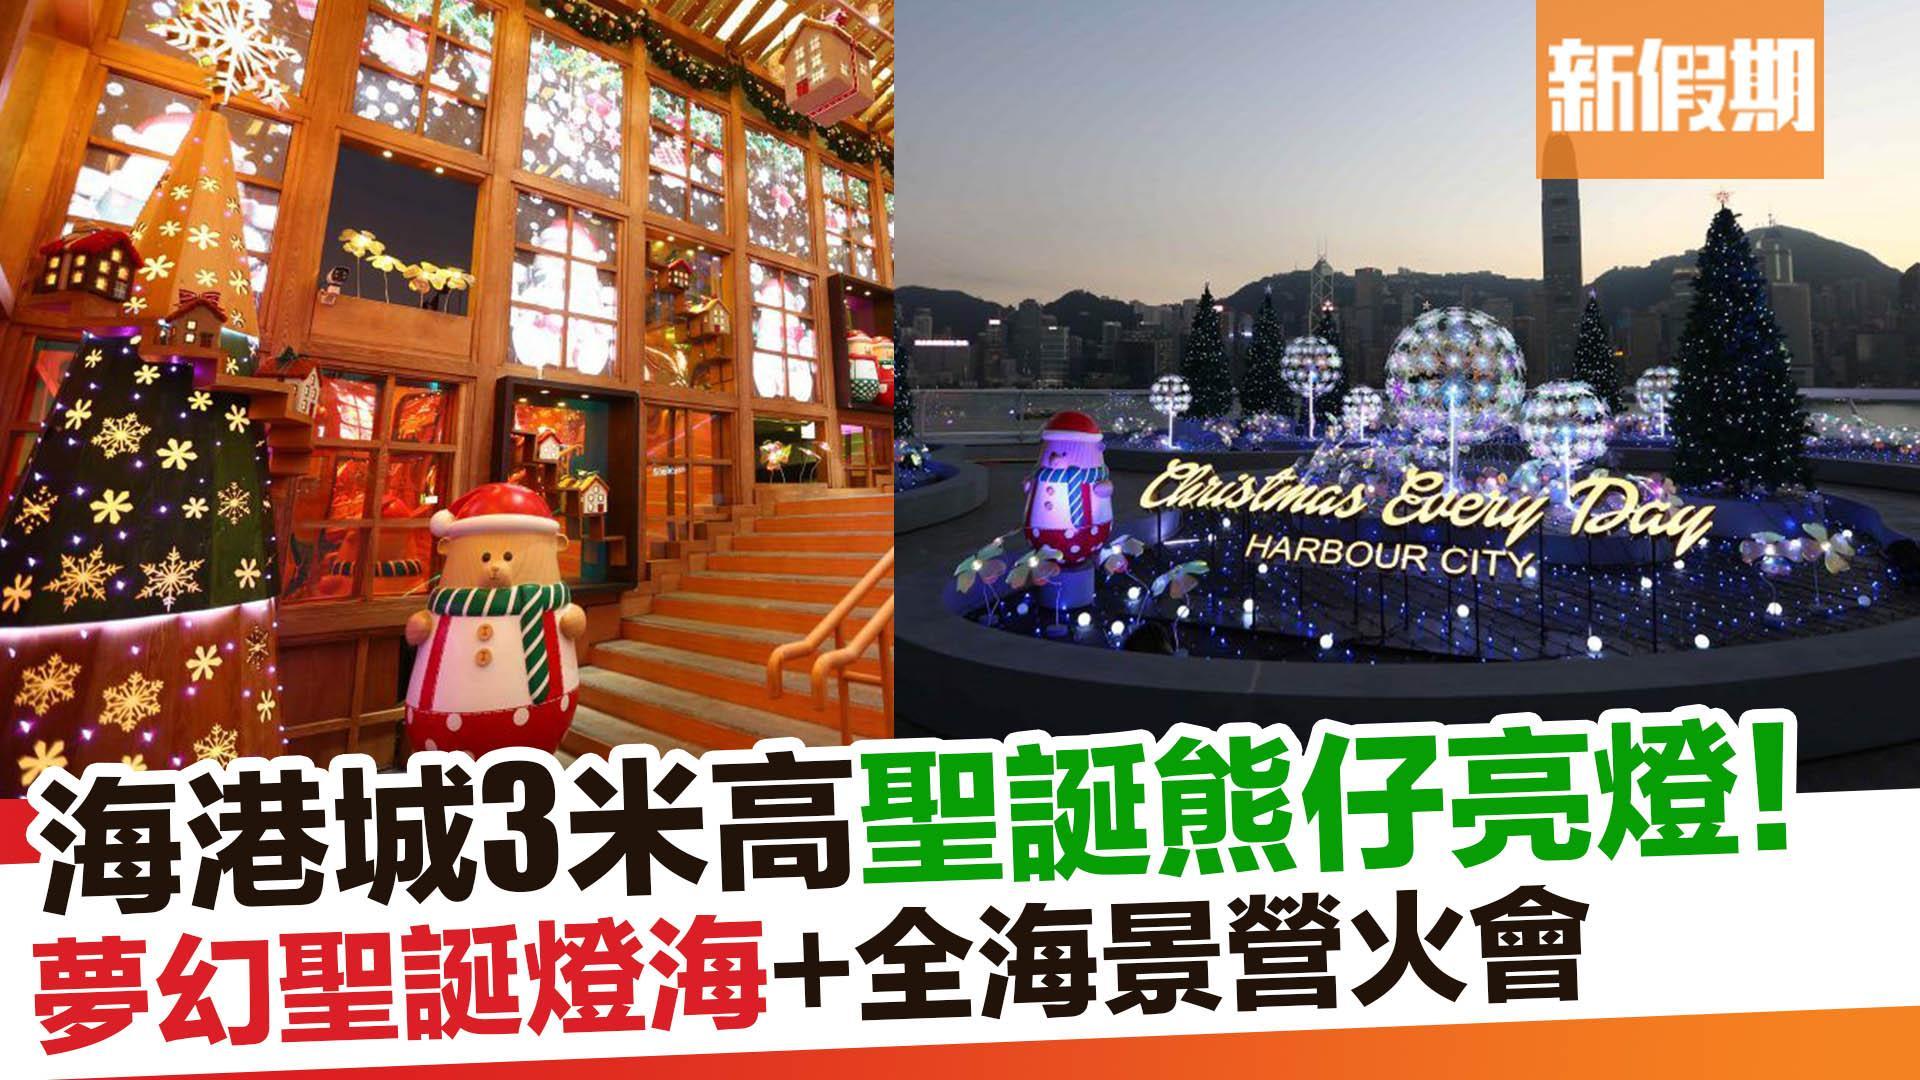 【香港好去處】海港城聖誕裝置亮燈啦! 新假期